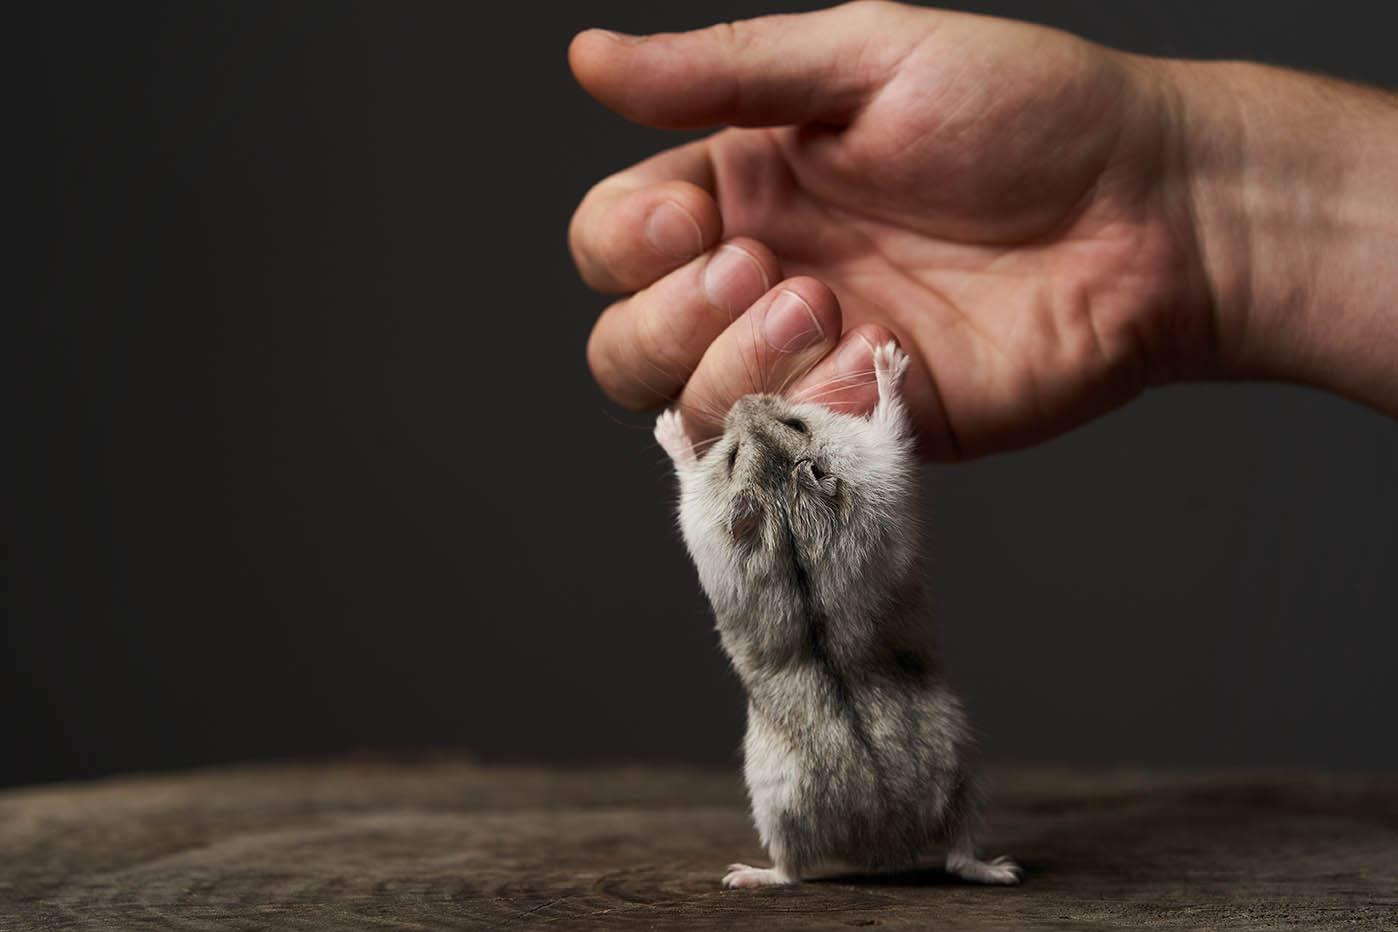 dwarf hamster bites finger